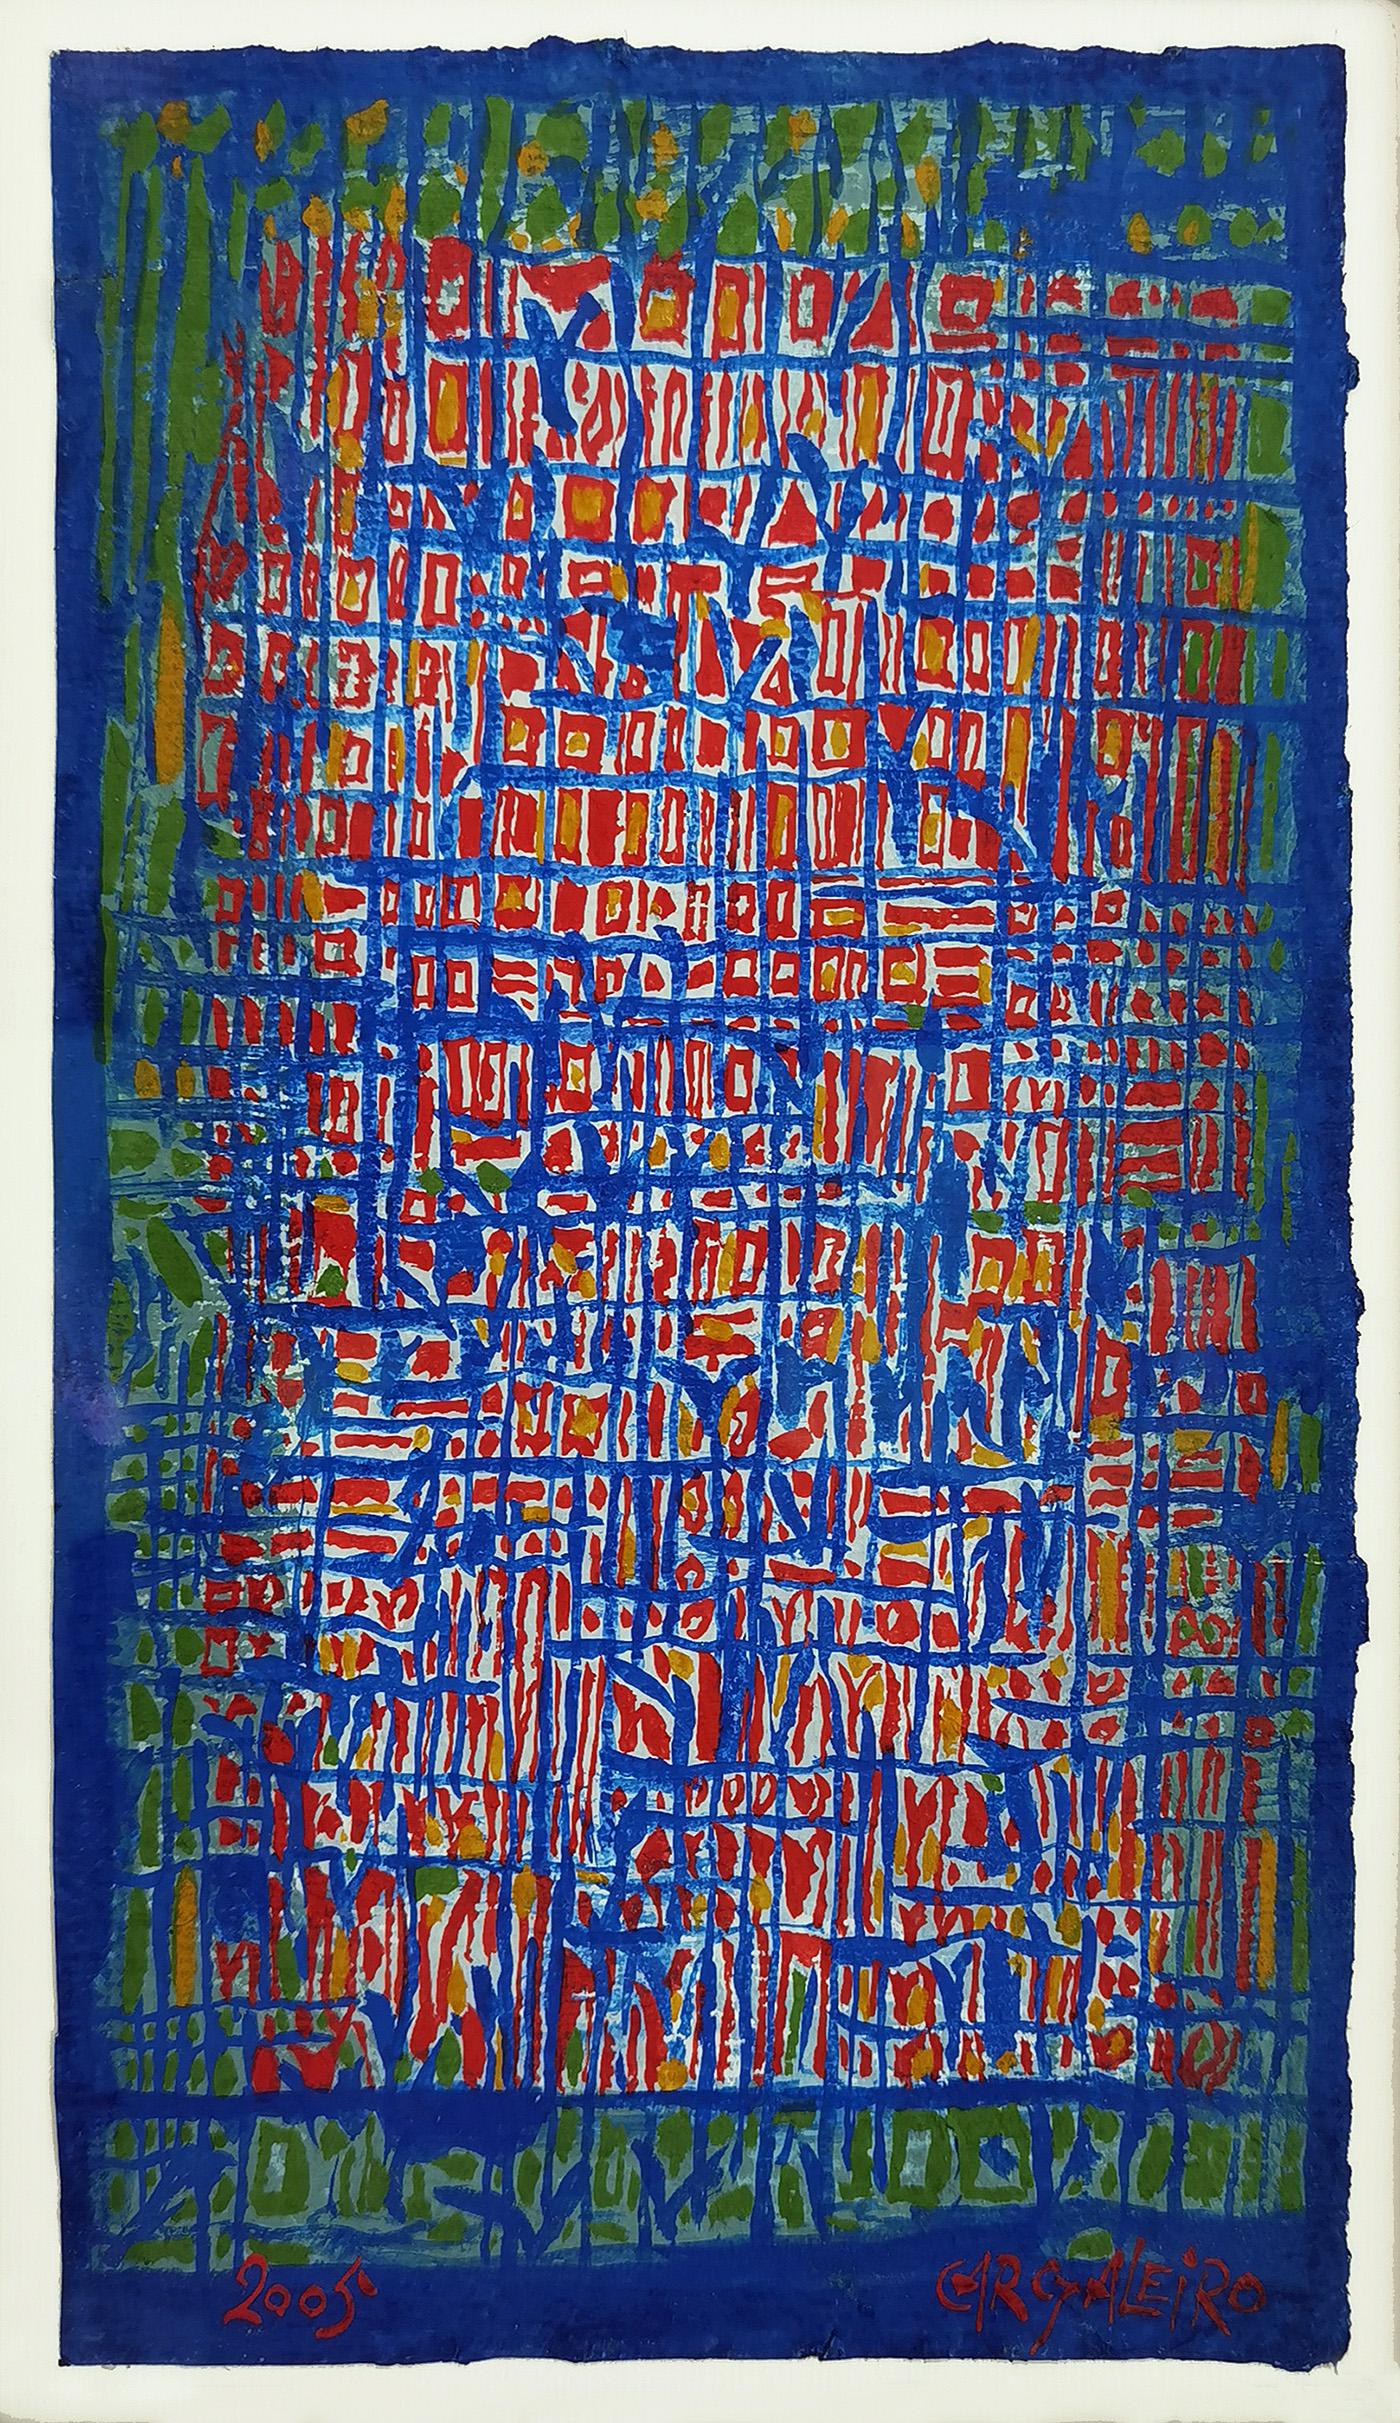 Composição,  guache sobre papel chiffon, 29,4 x 23,5 cm, 2009